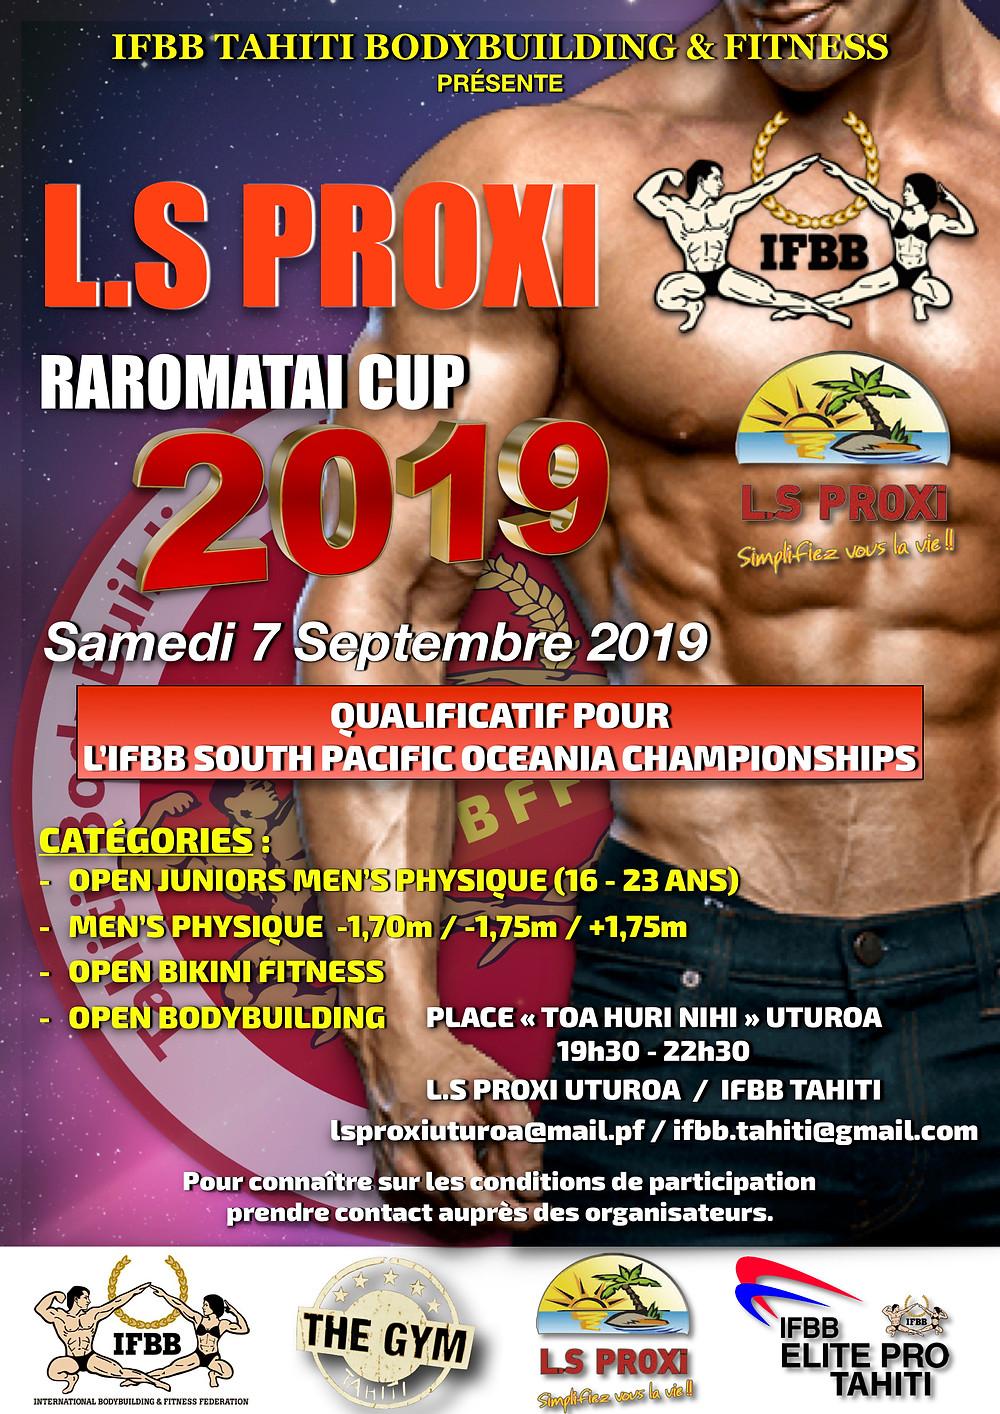 IFBB - L.S Proxi Raromatai Cup 2019